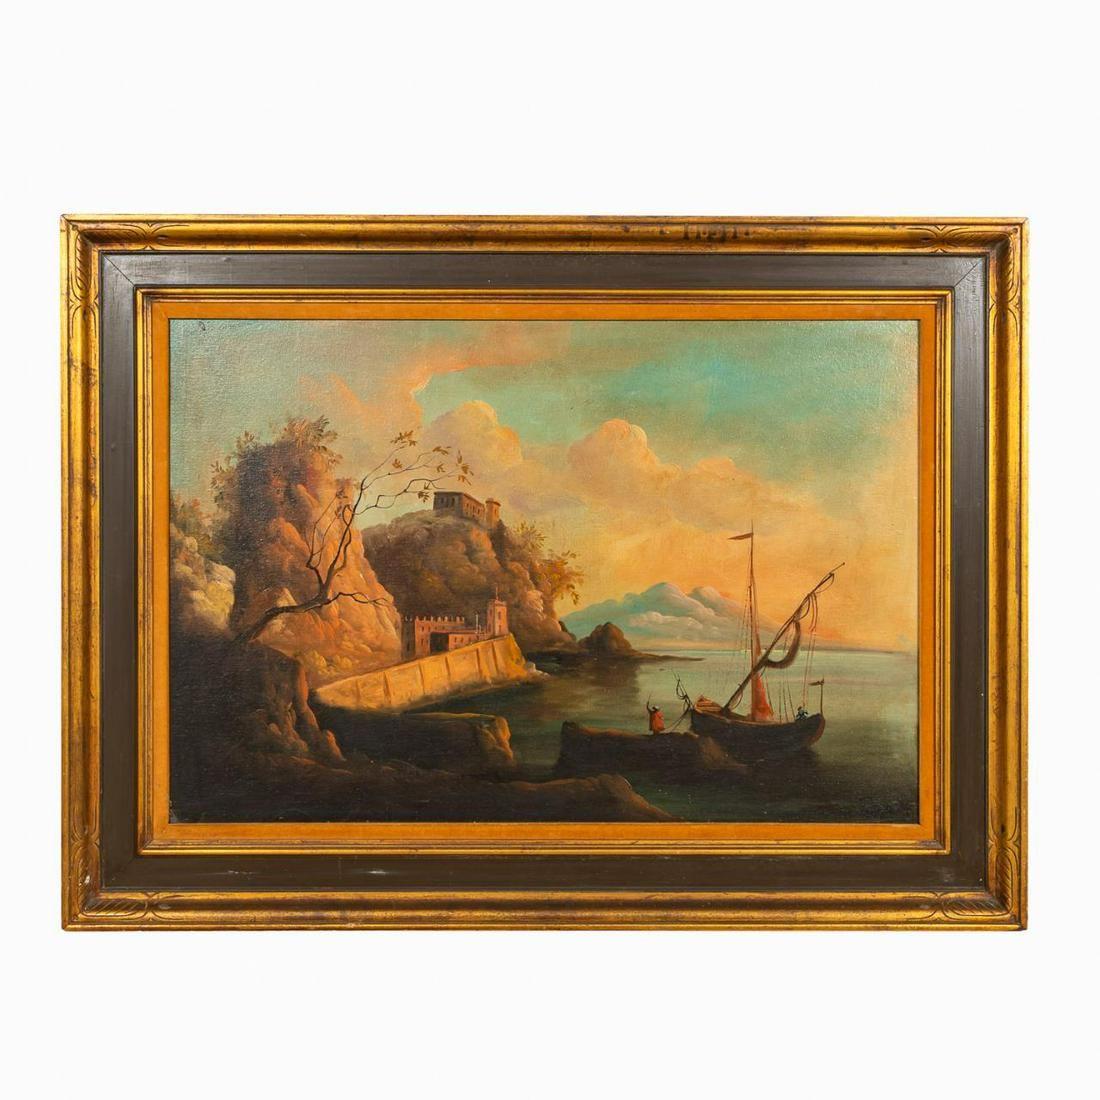 20TH CENTURY HARBOR SCENE, OIL ON CANVAS, FRAMED